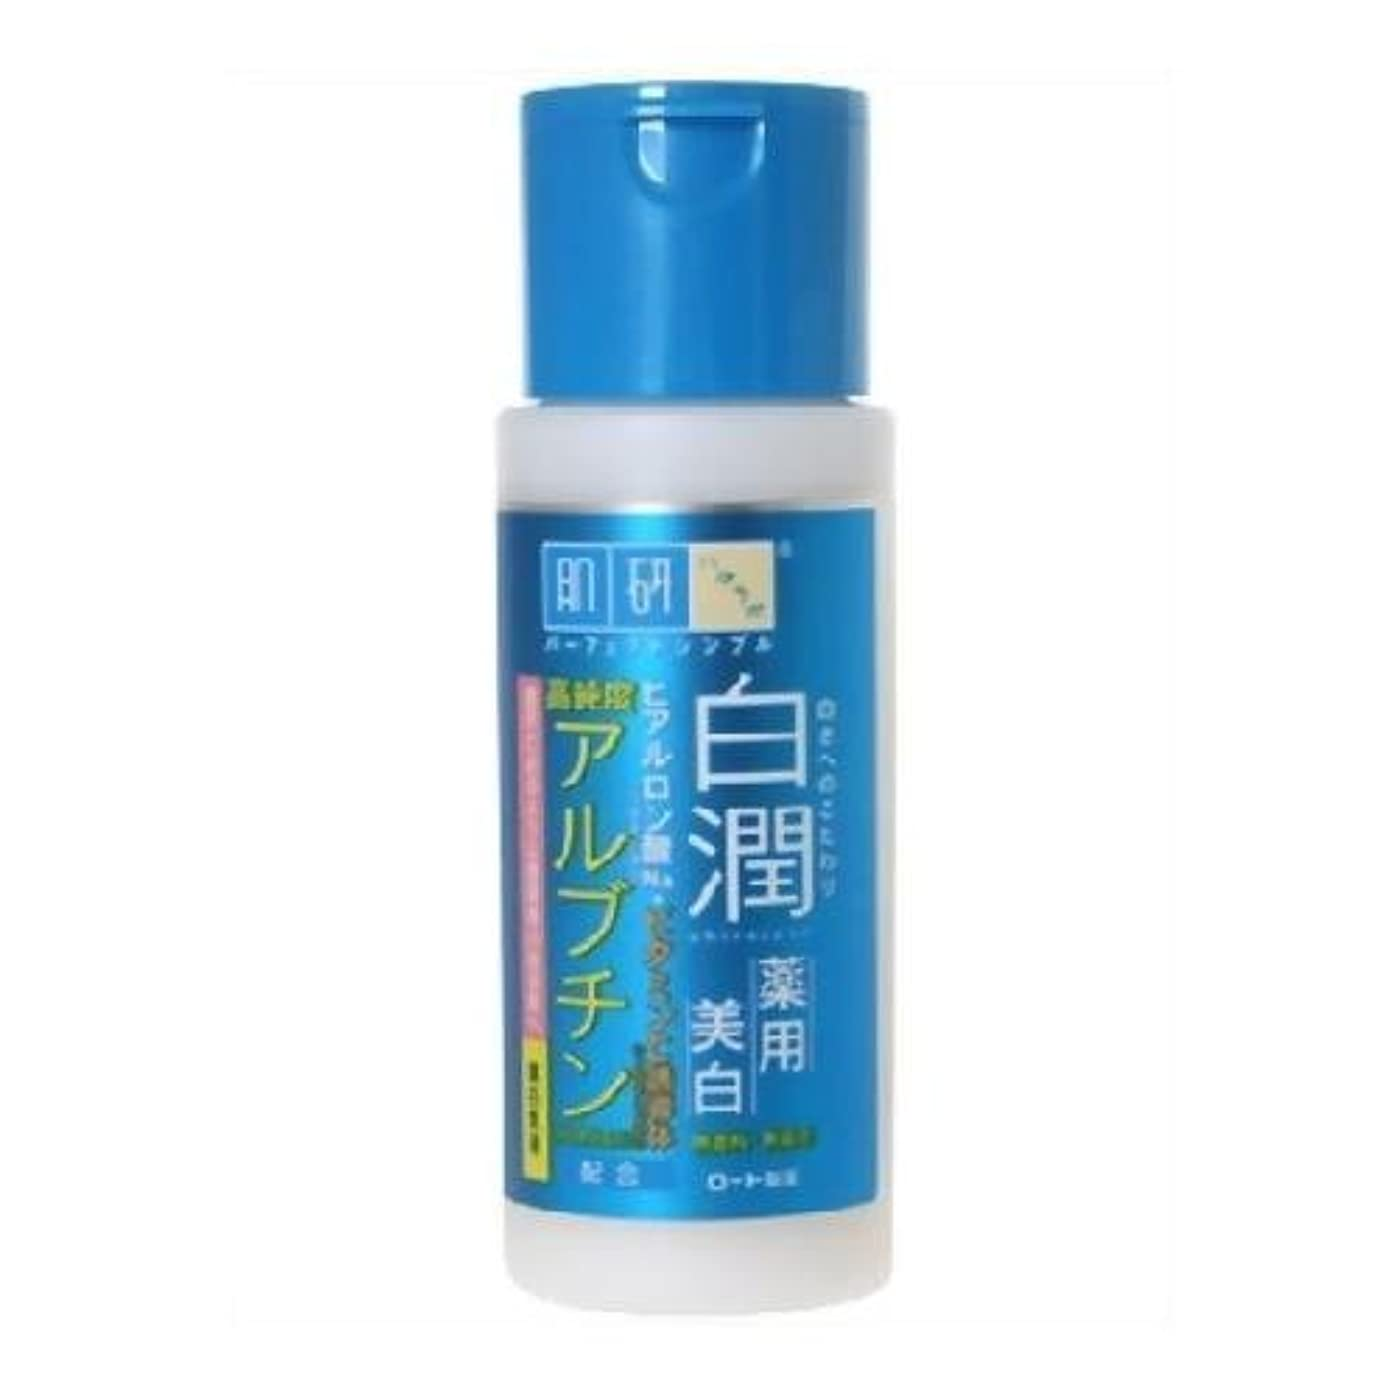 ゲート変装ジャンクション肌研白潤薬用美白乳液 140ml